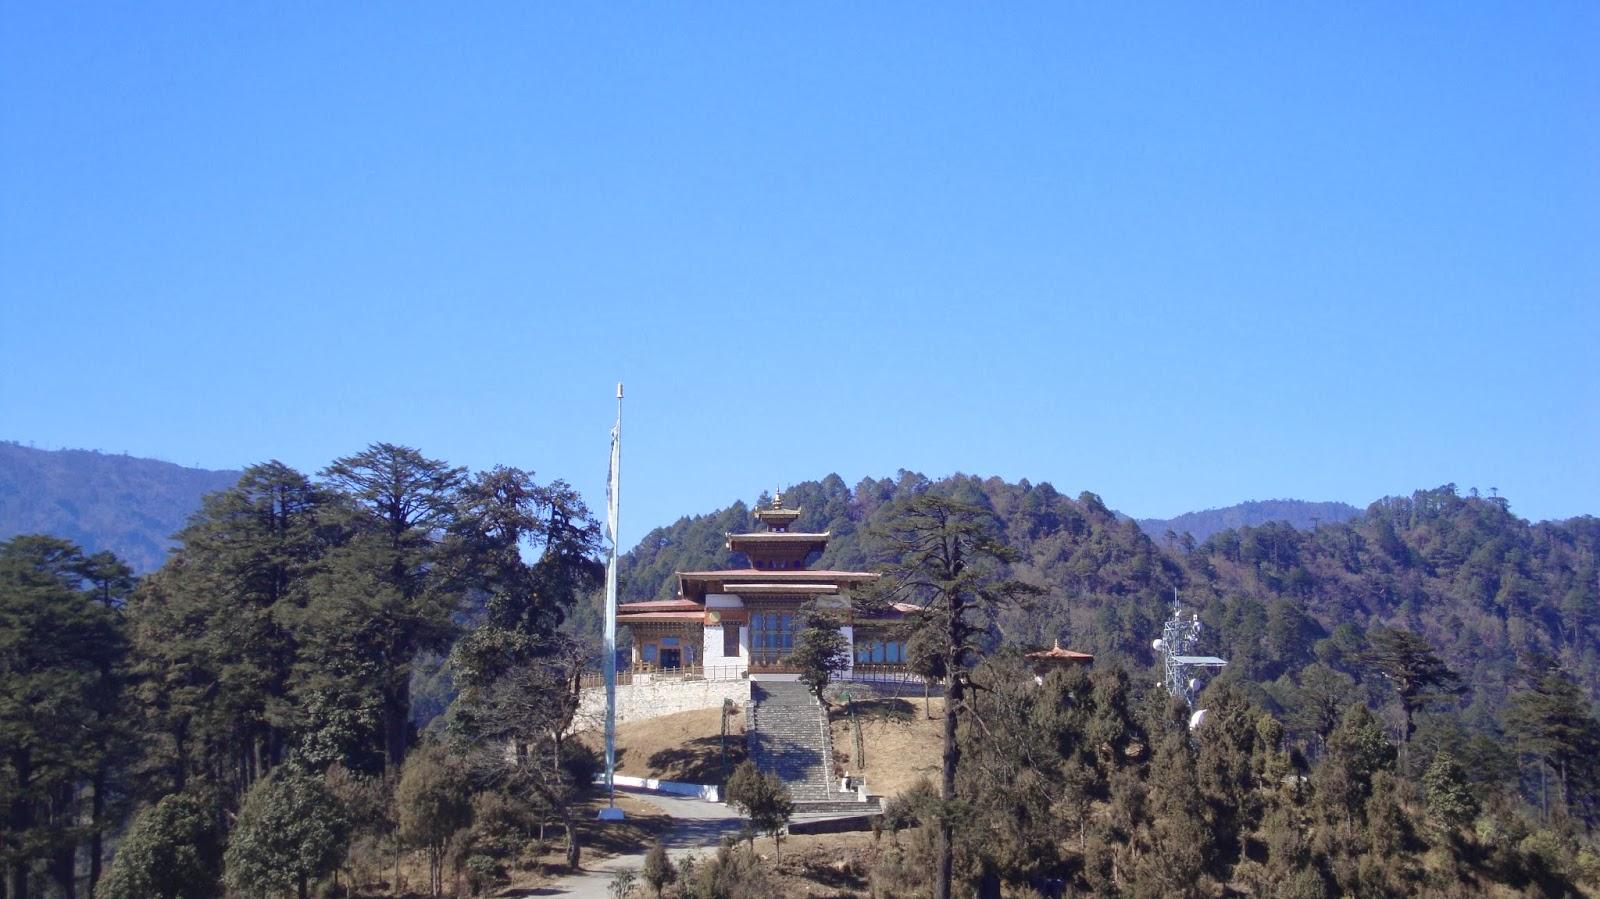 Druk Wangyal Lhakhang, Dochula Pass